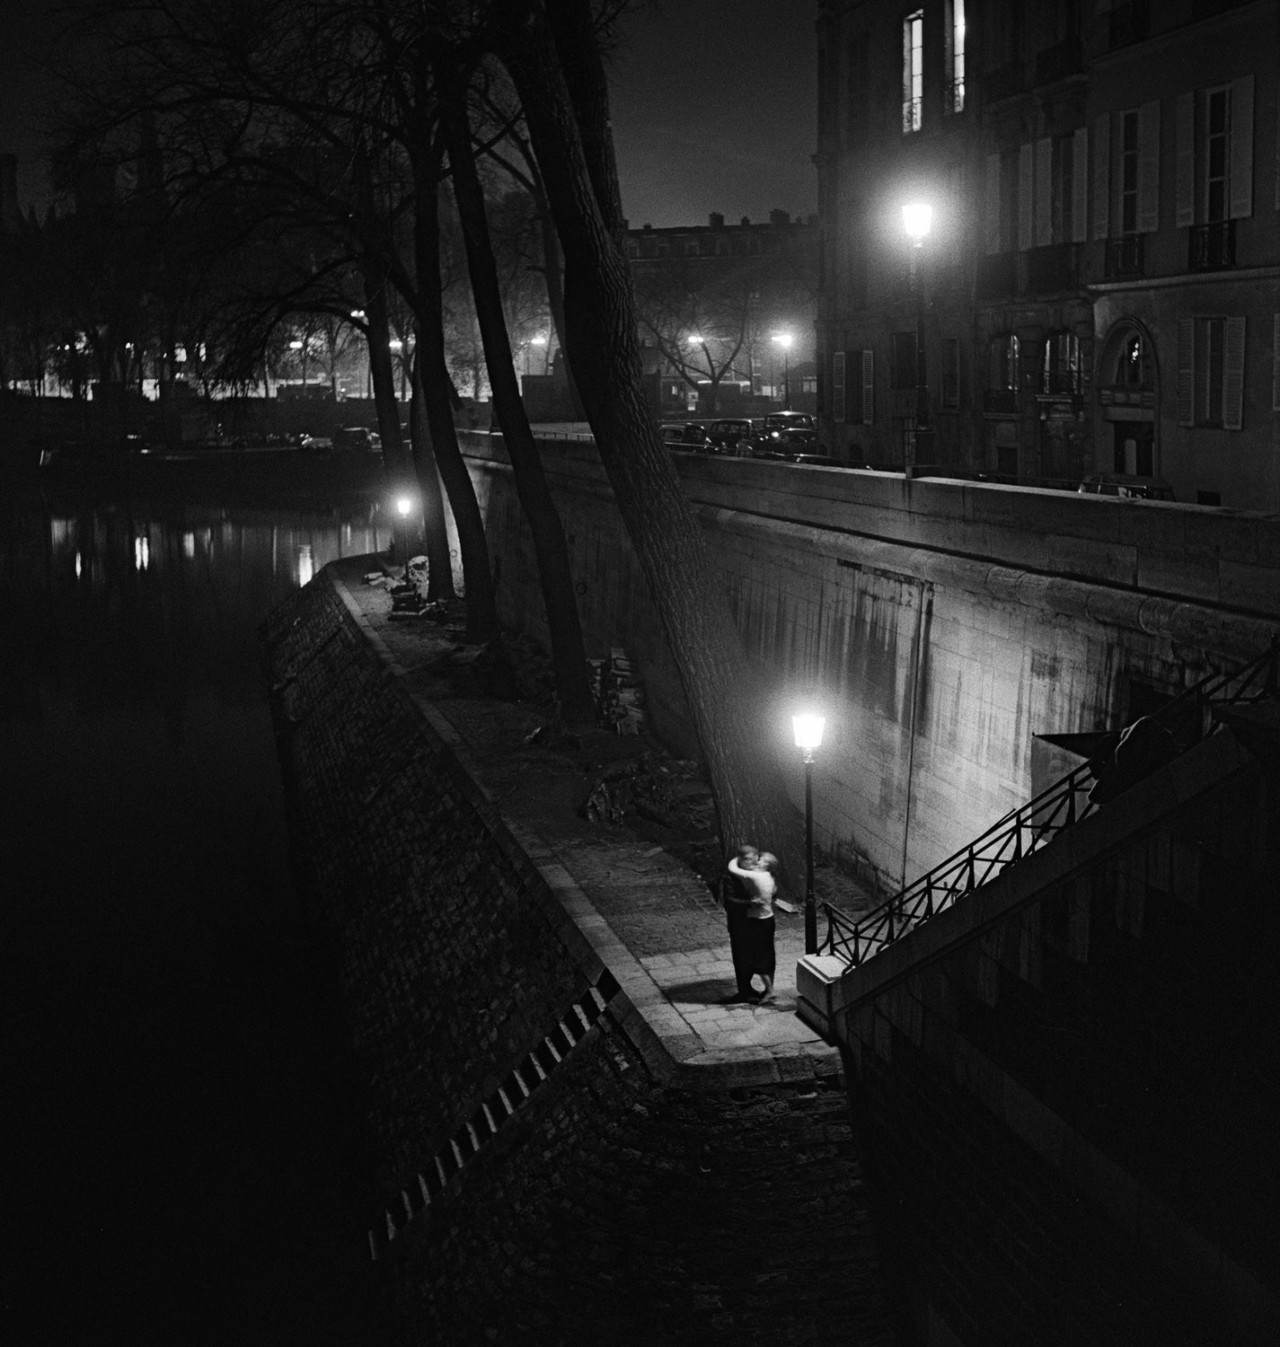 Целующаяся пара, Париж, 1950-е. Фотограф Кис Шерер